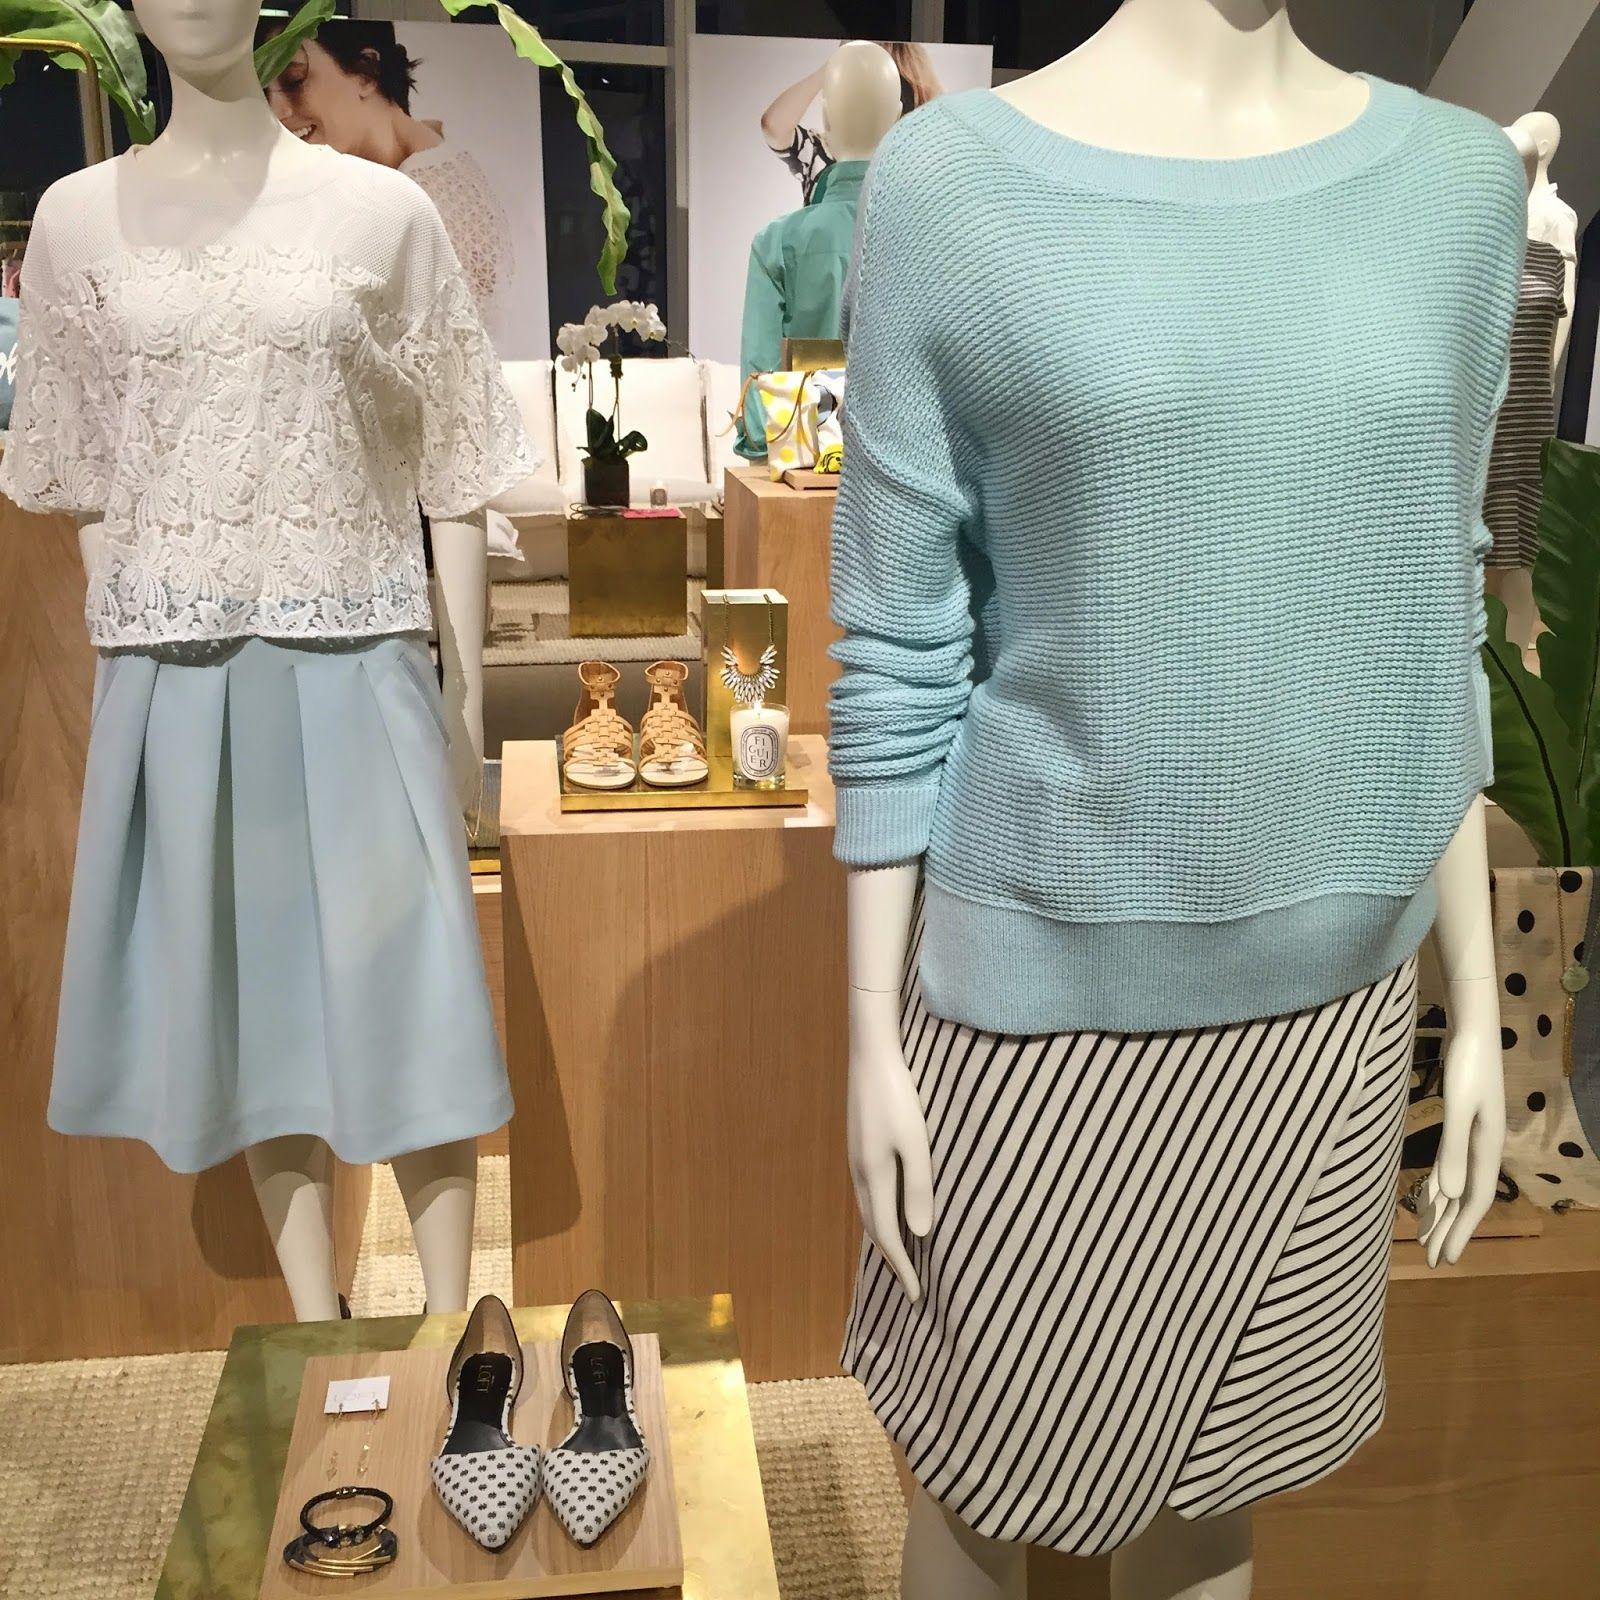 Nyc Recessionista First Look Loft Lou Grey Spring 2015 Spring 2015 Fashion Lou Grey Fashion